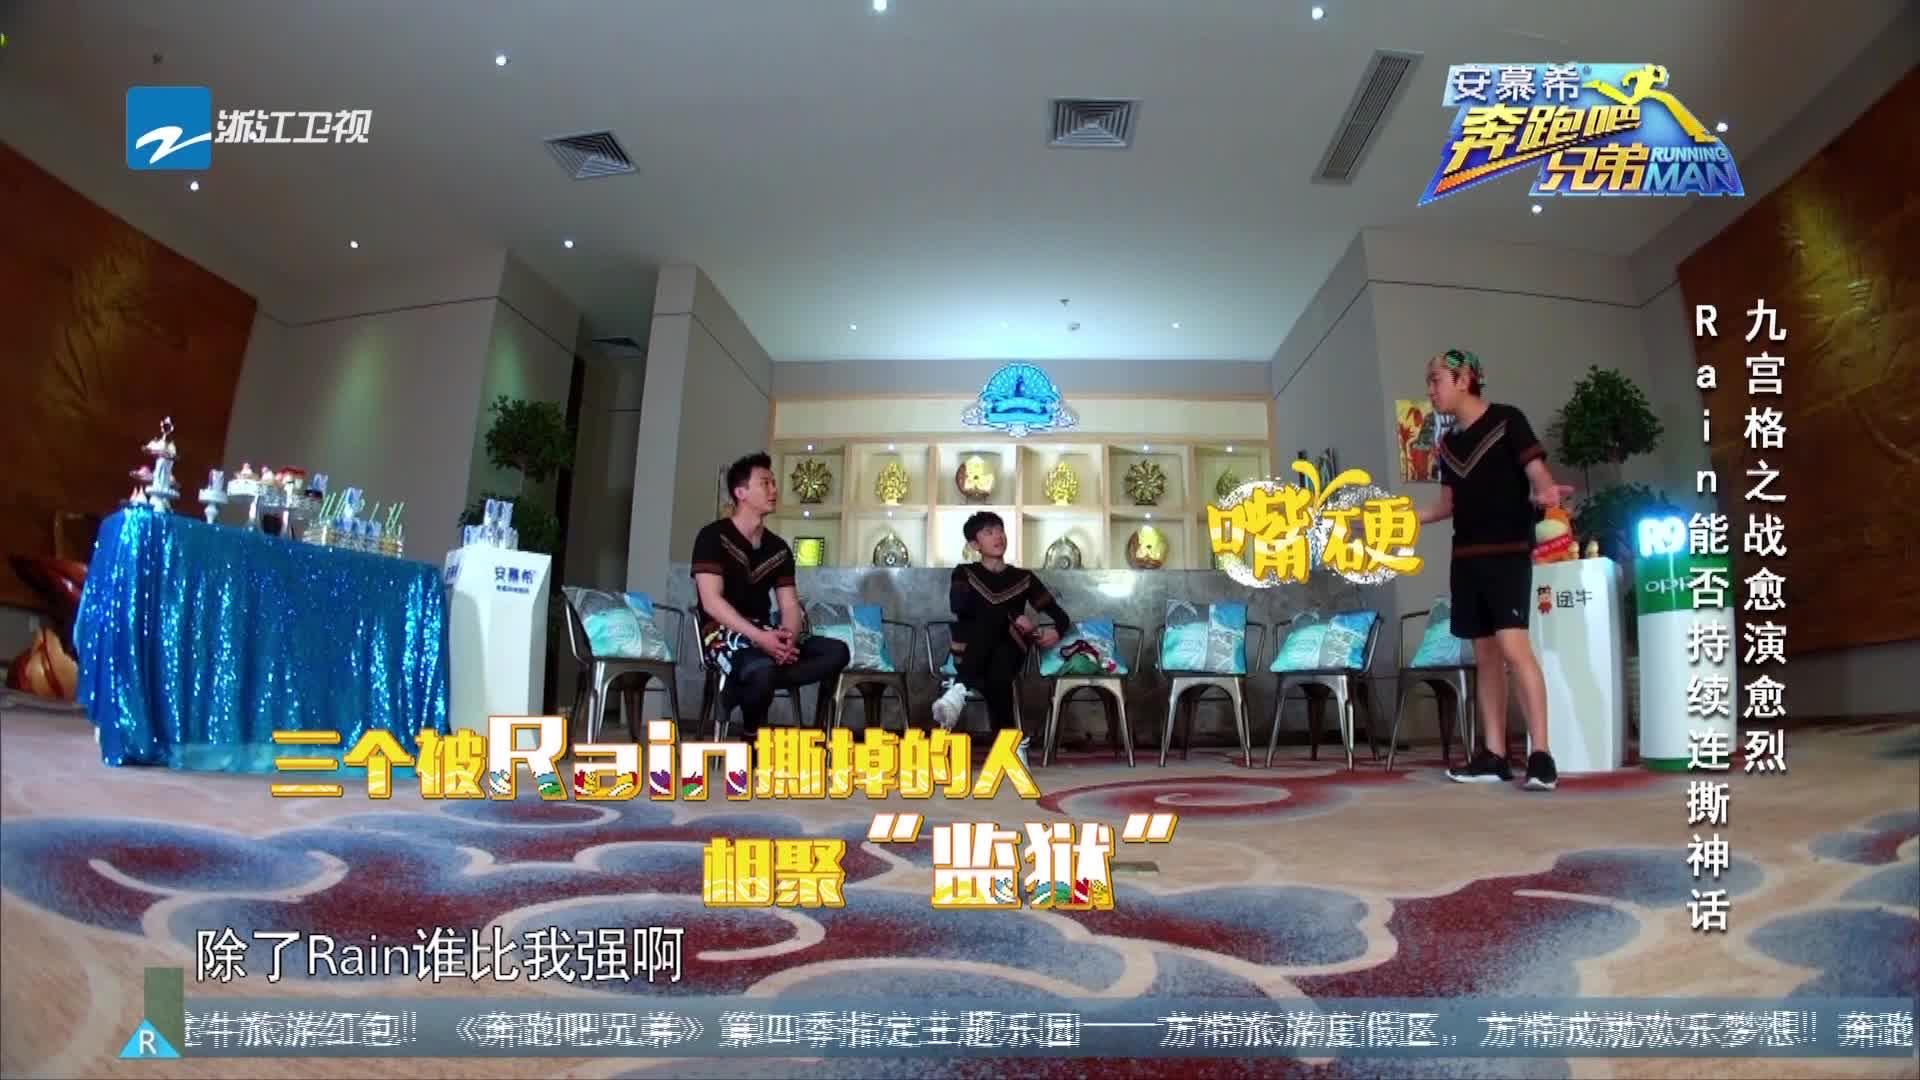 张杰老干部附体,批评李晨和邓超不干正事,大黑牛听后哭笑不得